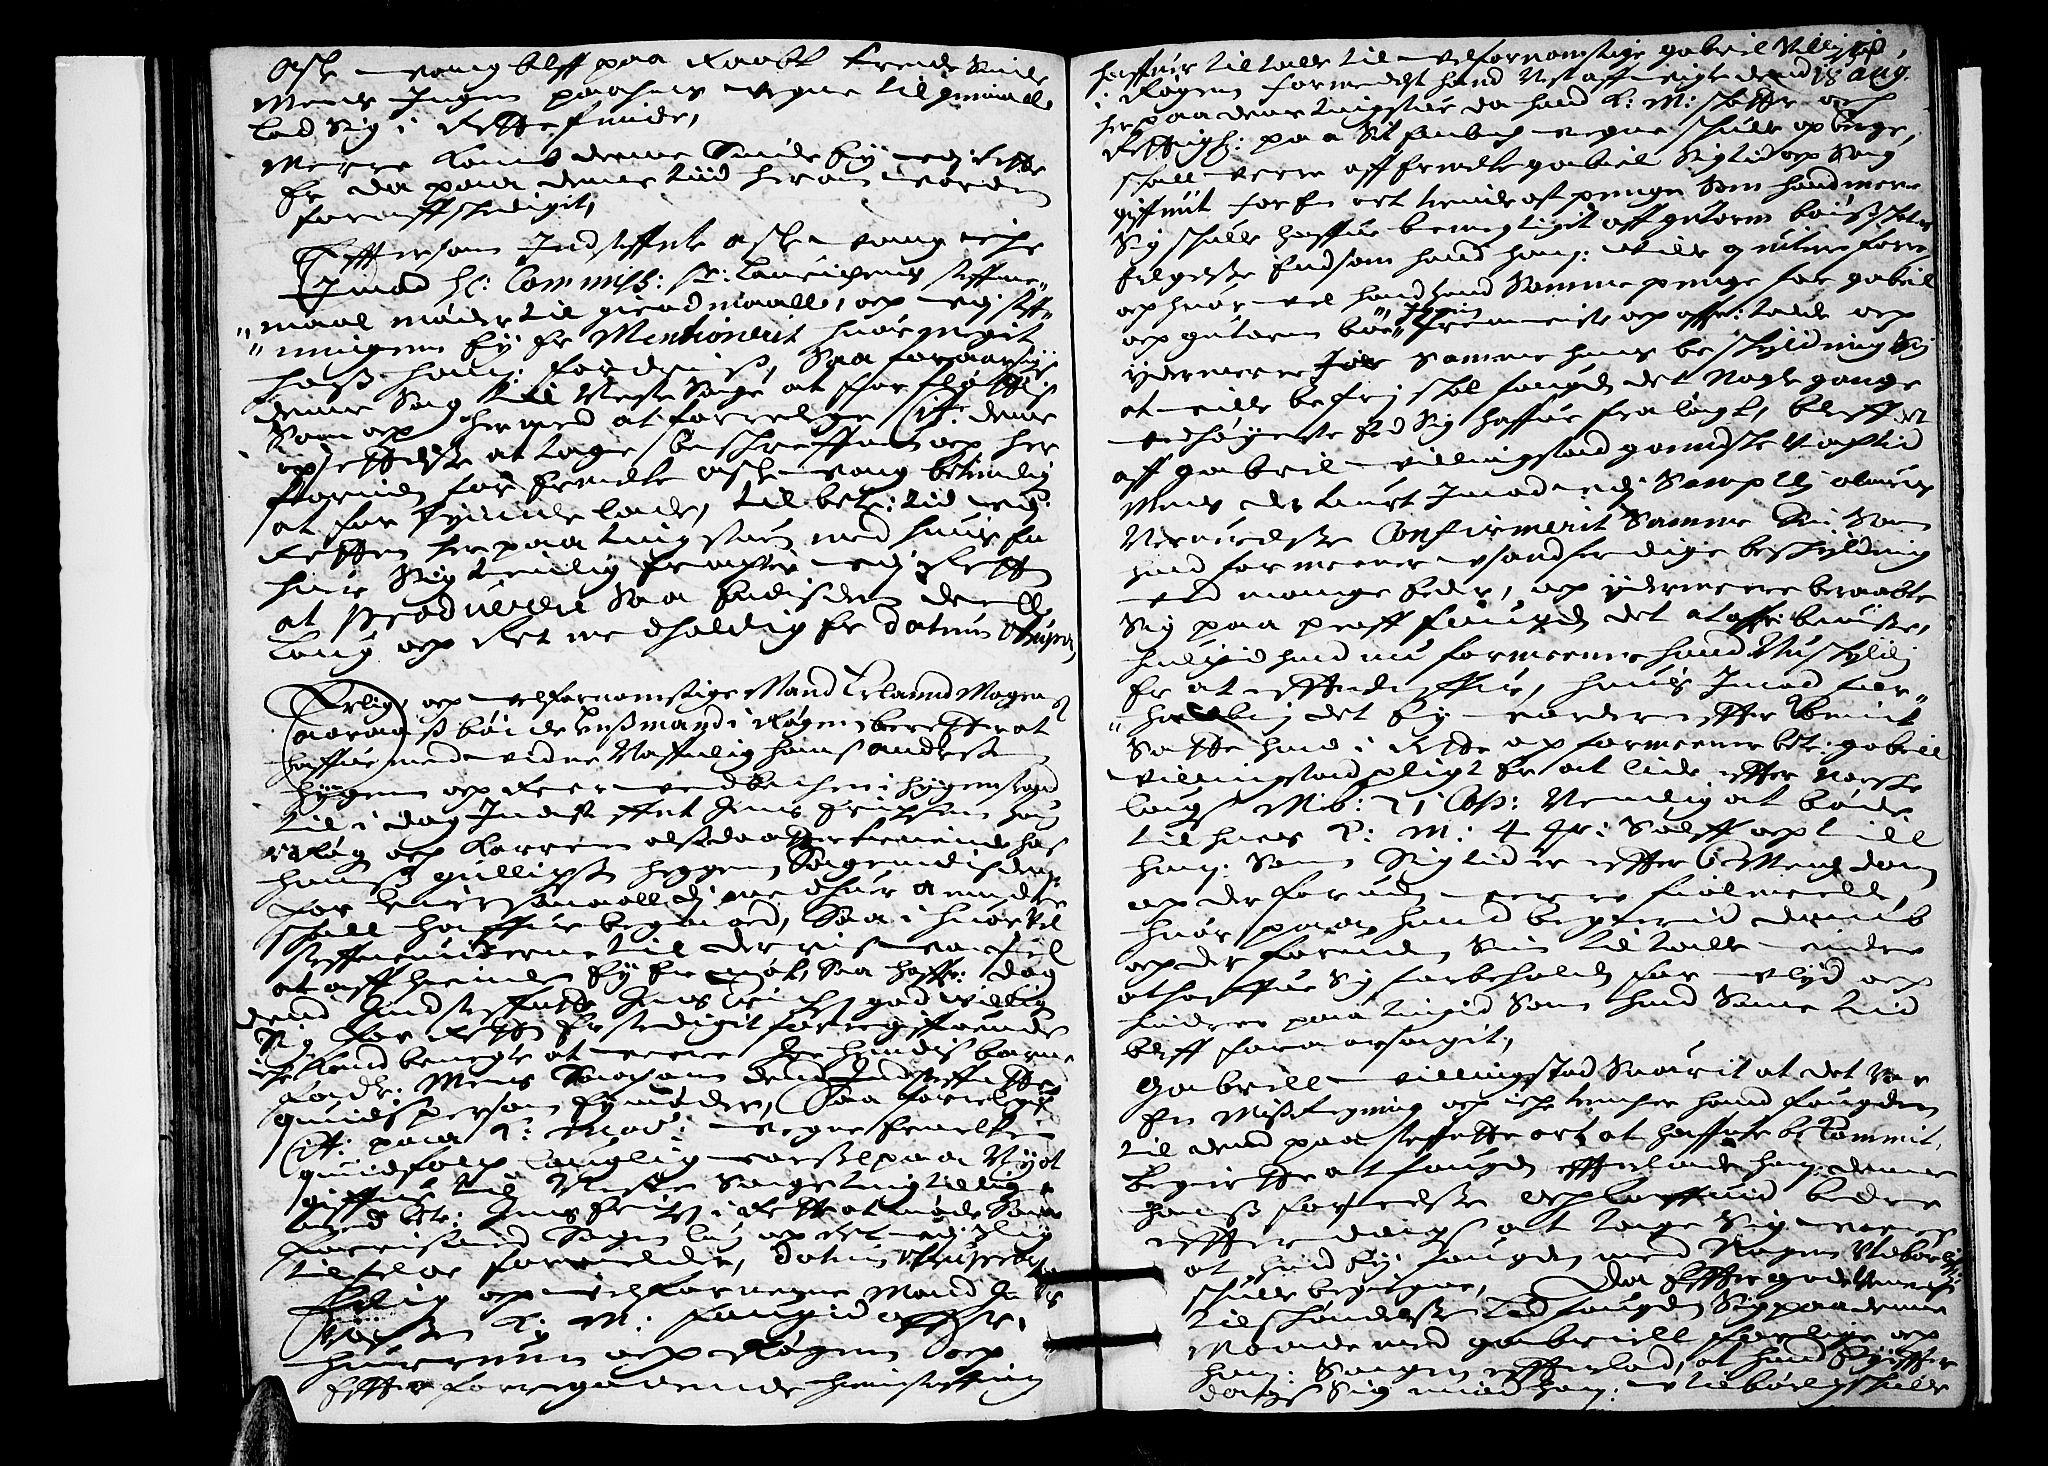 SAKO, Lier, Røyken og Hurum sorenskriveri, F/Fa/L0023: Tingbok, 1682, s. 51